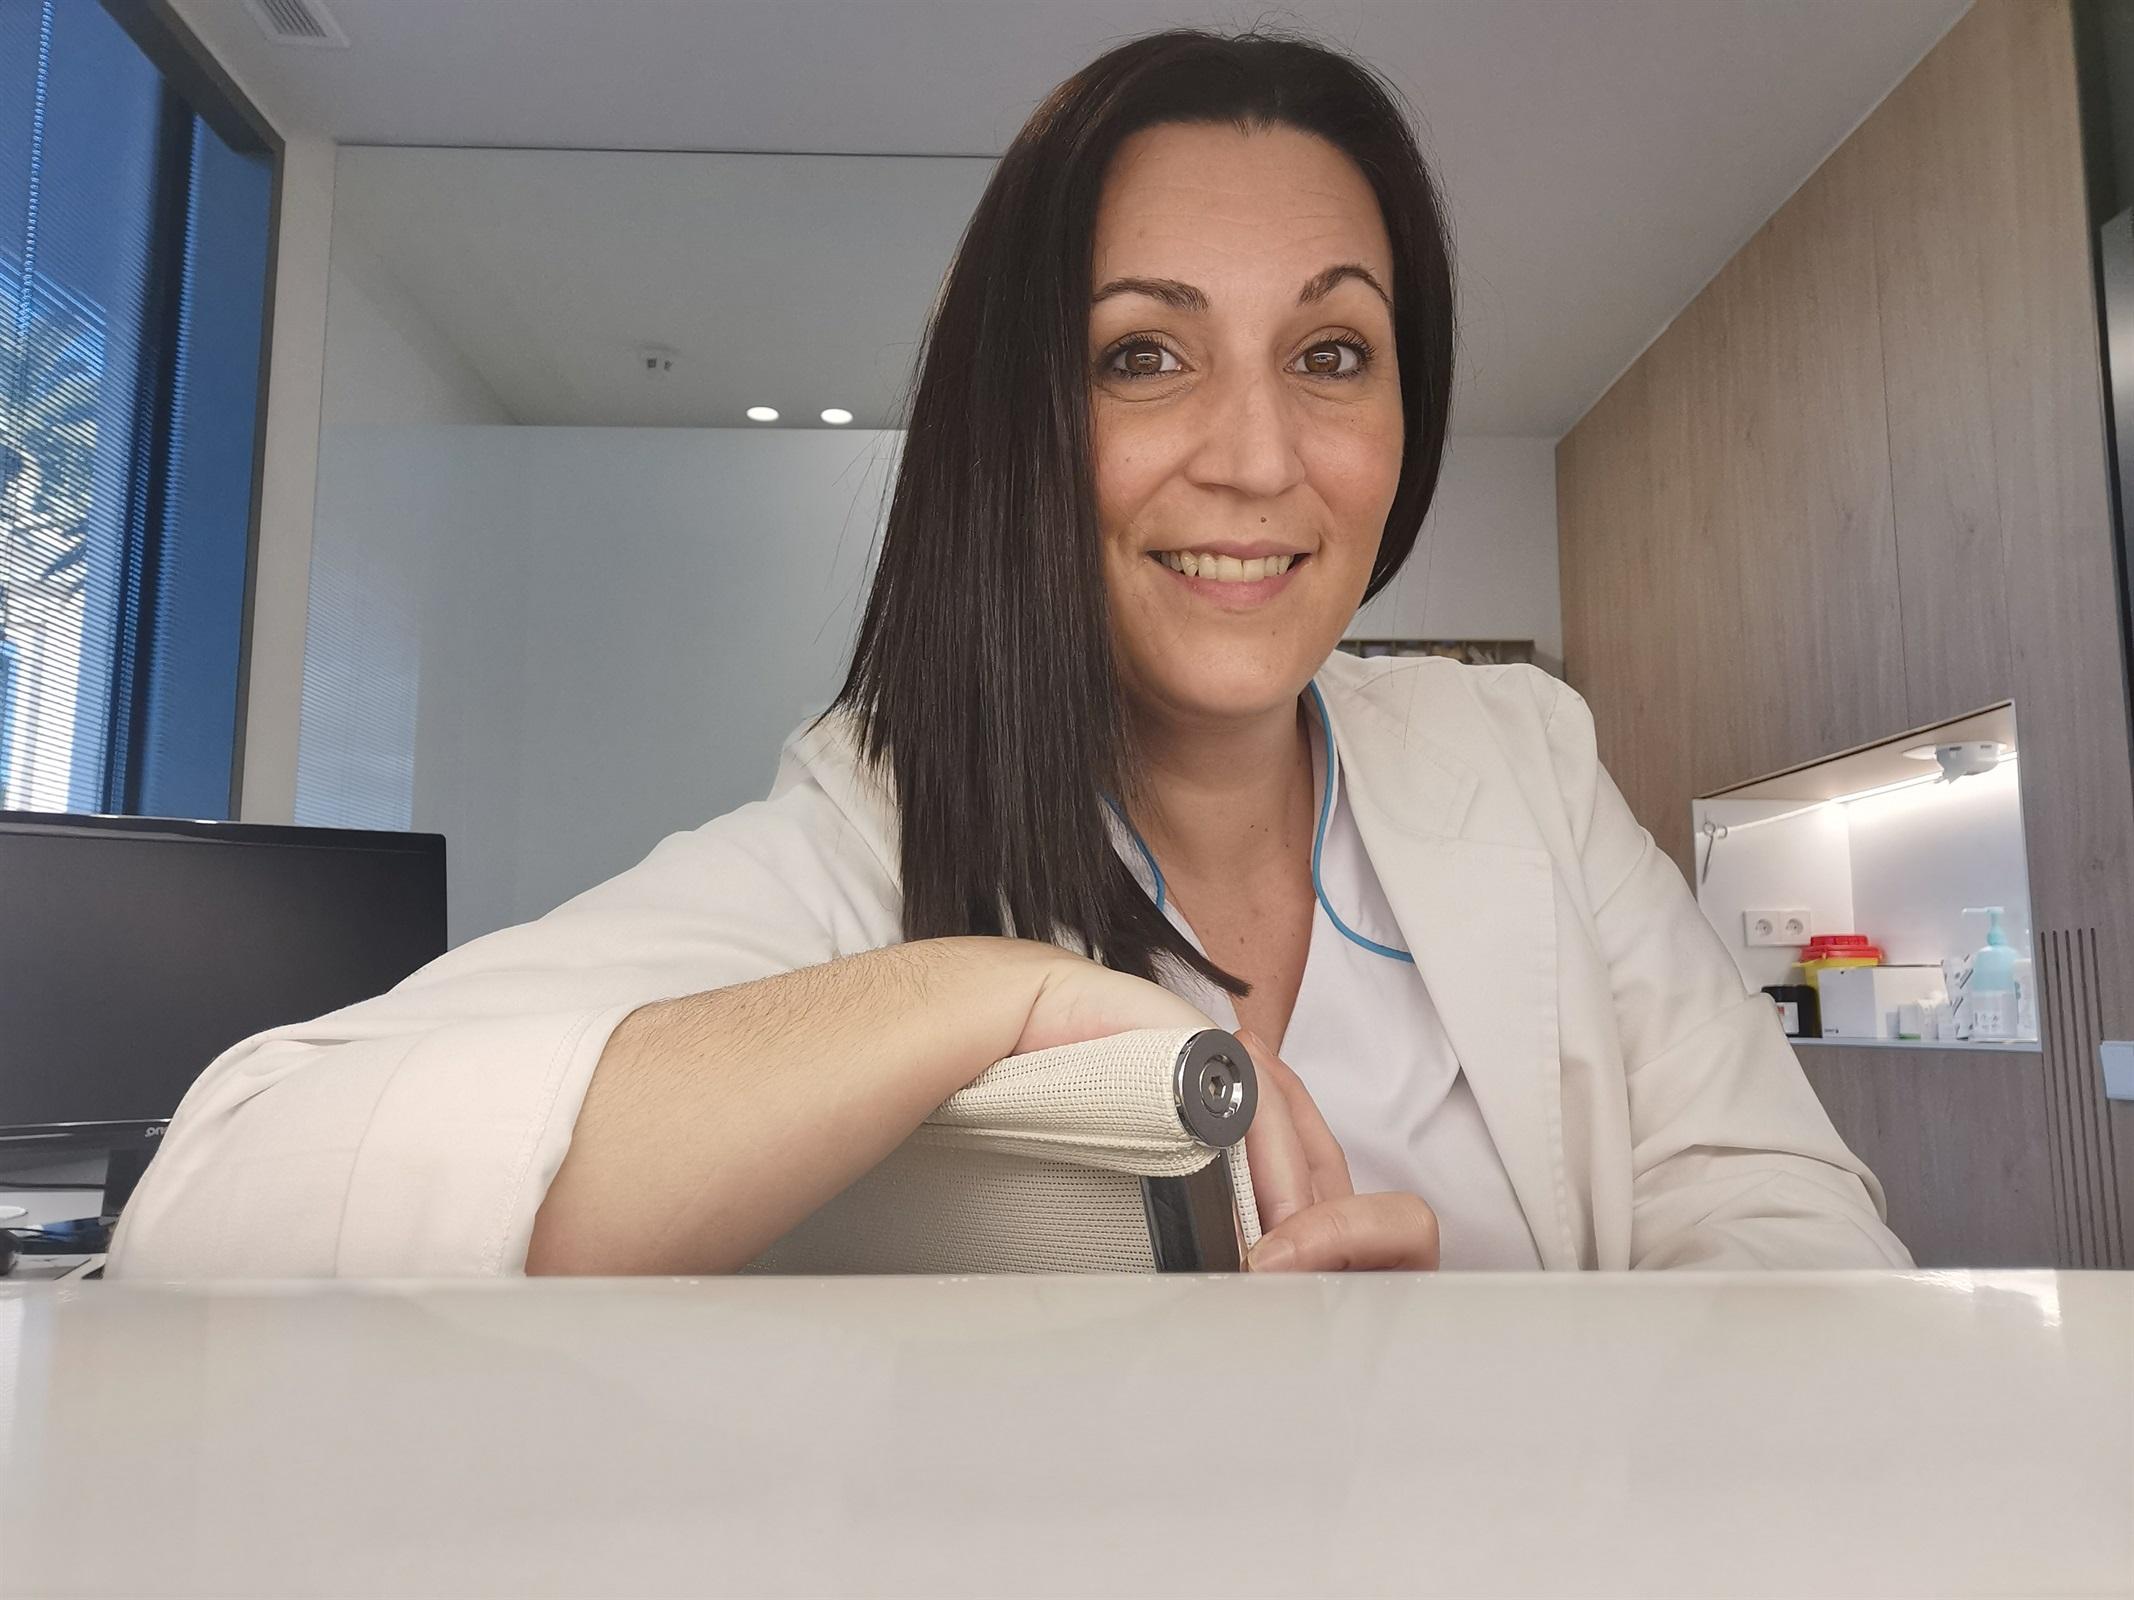 """Cristina Navalón: """"Els pacients tenen les respostes, les infermeres els ajudem a que les trobin"""""""